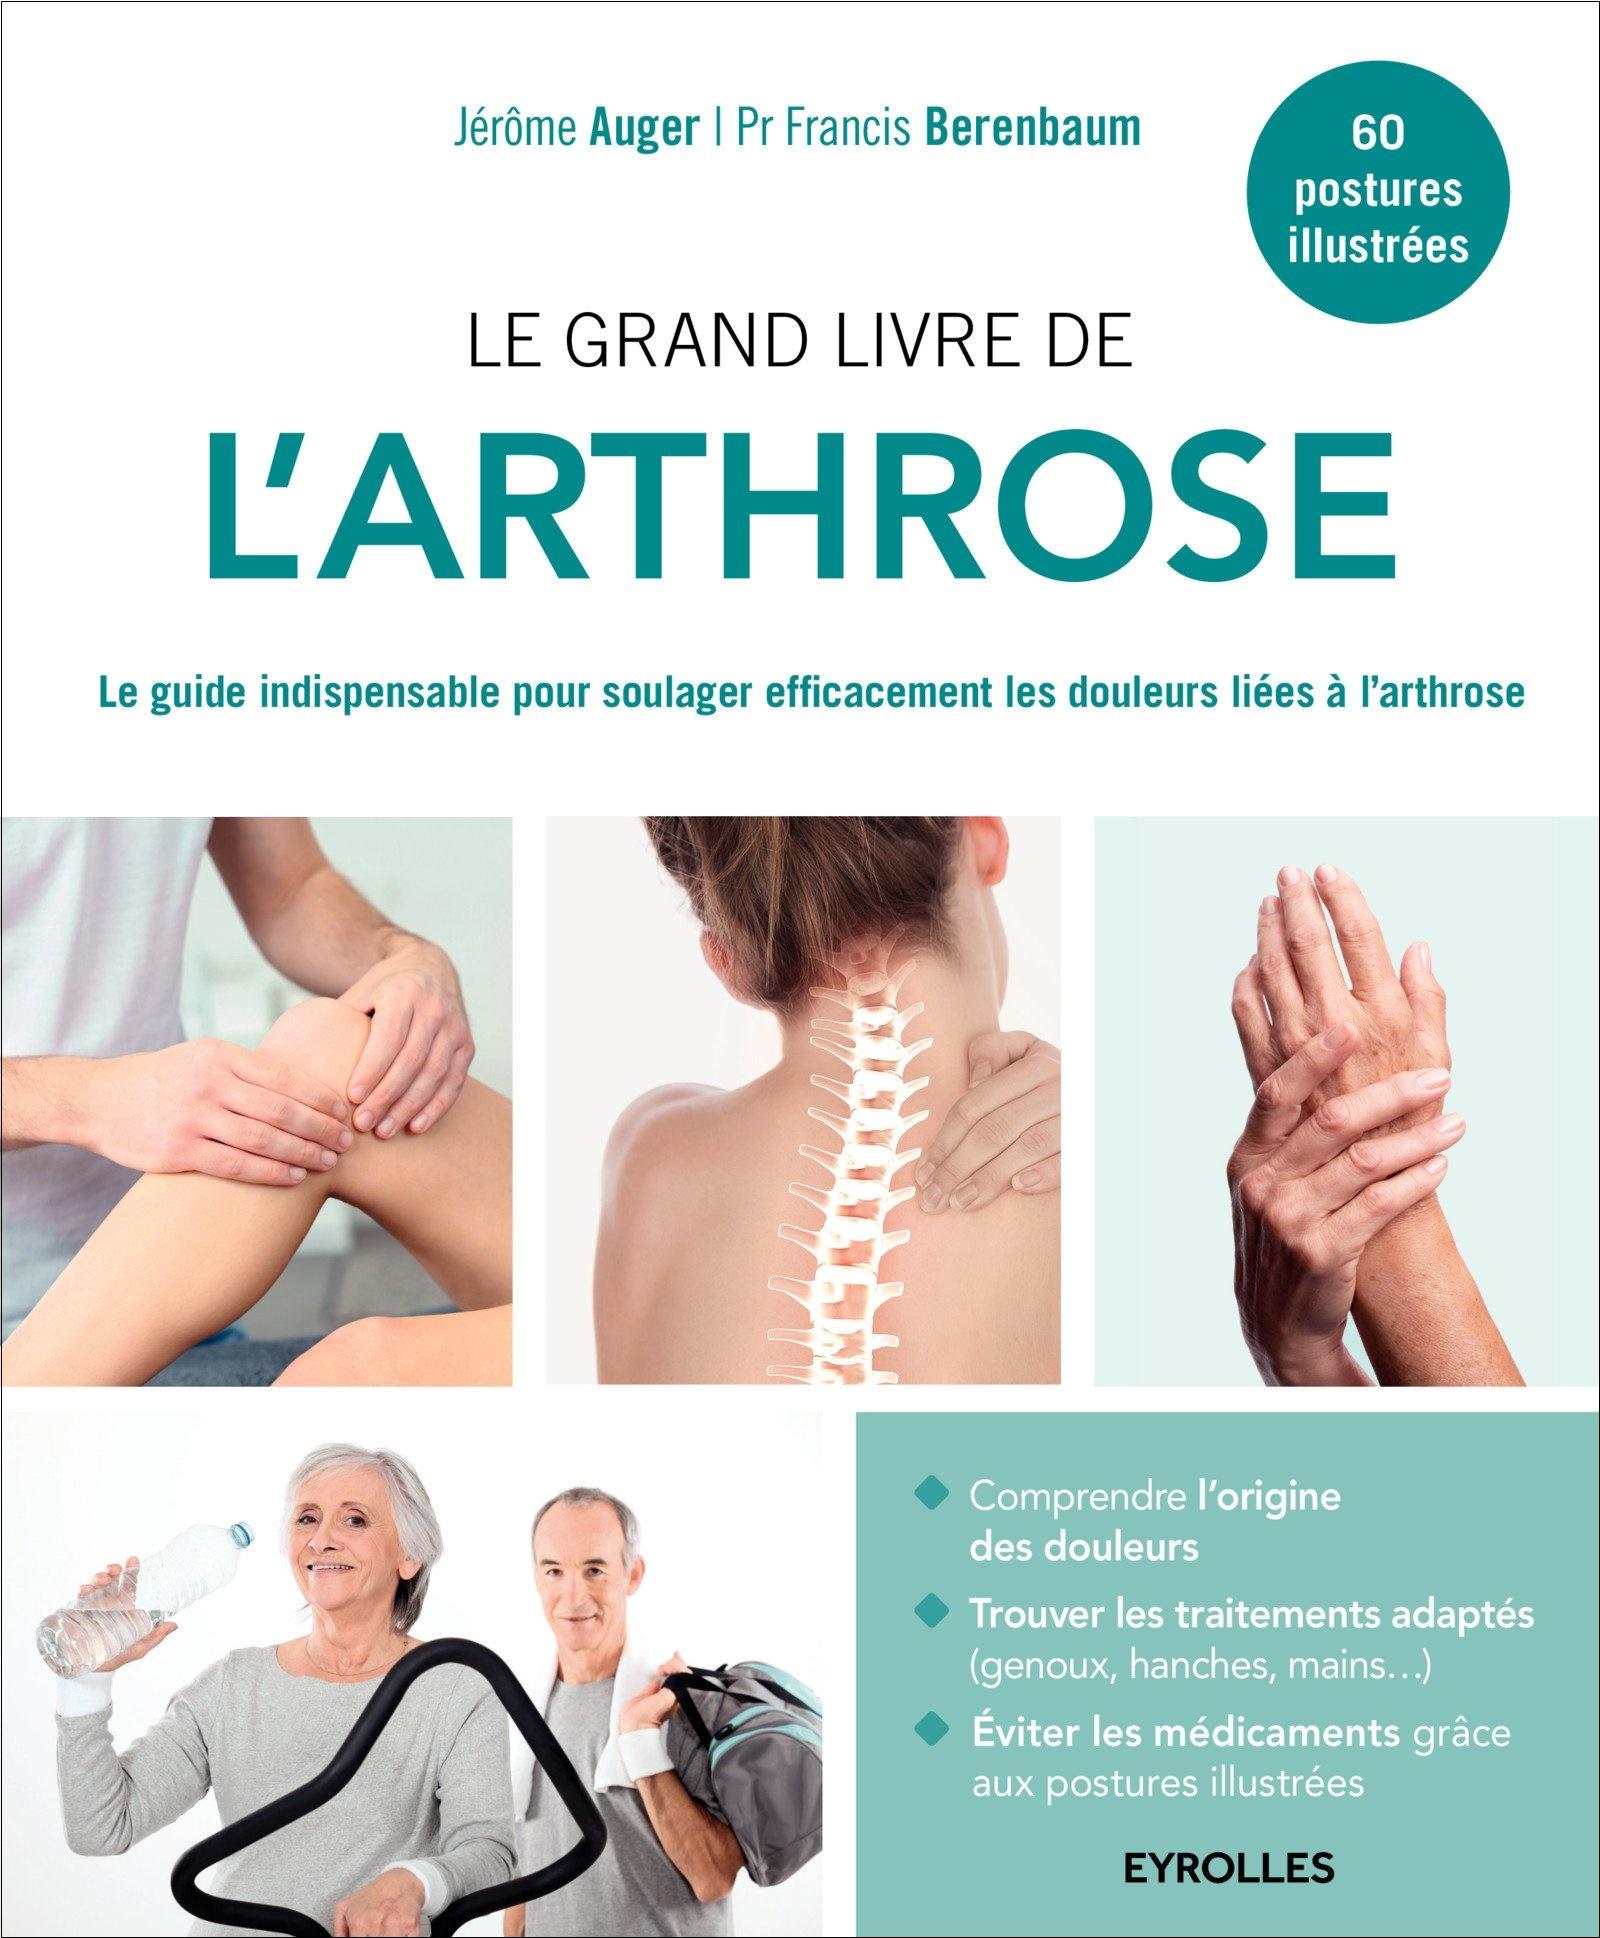 TELECHARGER MAGAZINE Le grand livre de l'arthrose : Le guide indispensable pour soulager efficacement les douleurs liées à l'arthrose